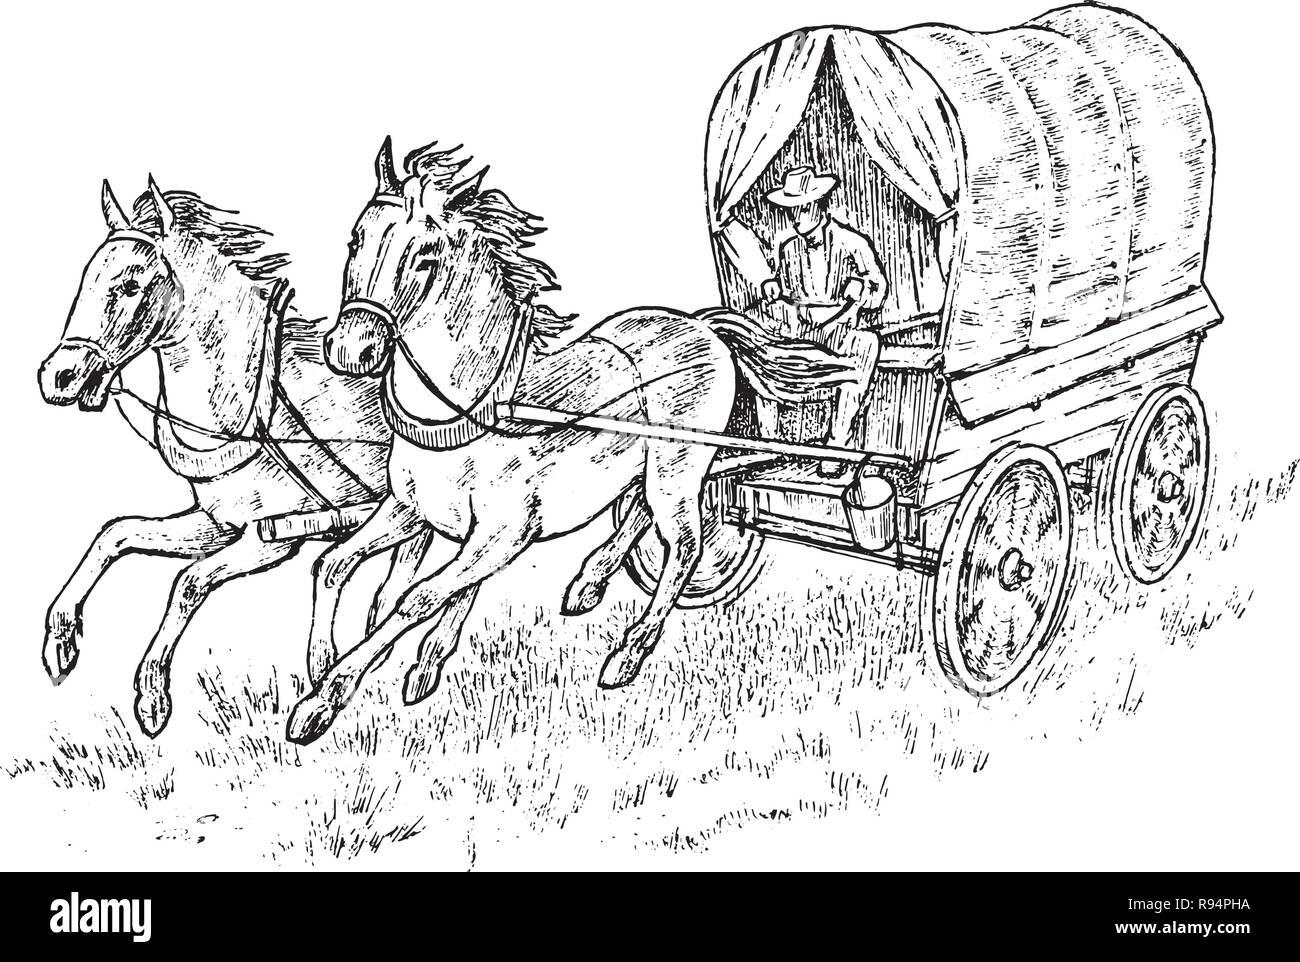 Cowboy en el carro. Vintage arnés de caballo o alguacil del carro. Western  rodeo 579871ef7e8